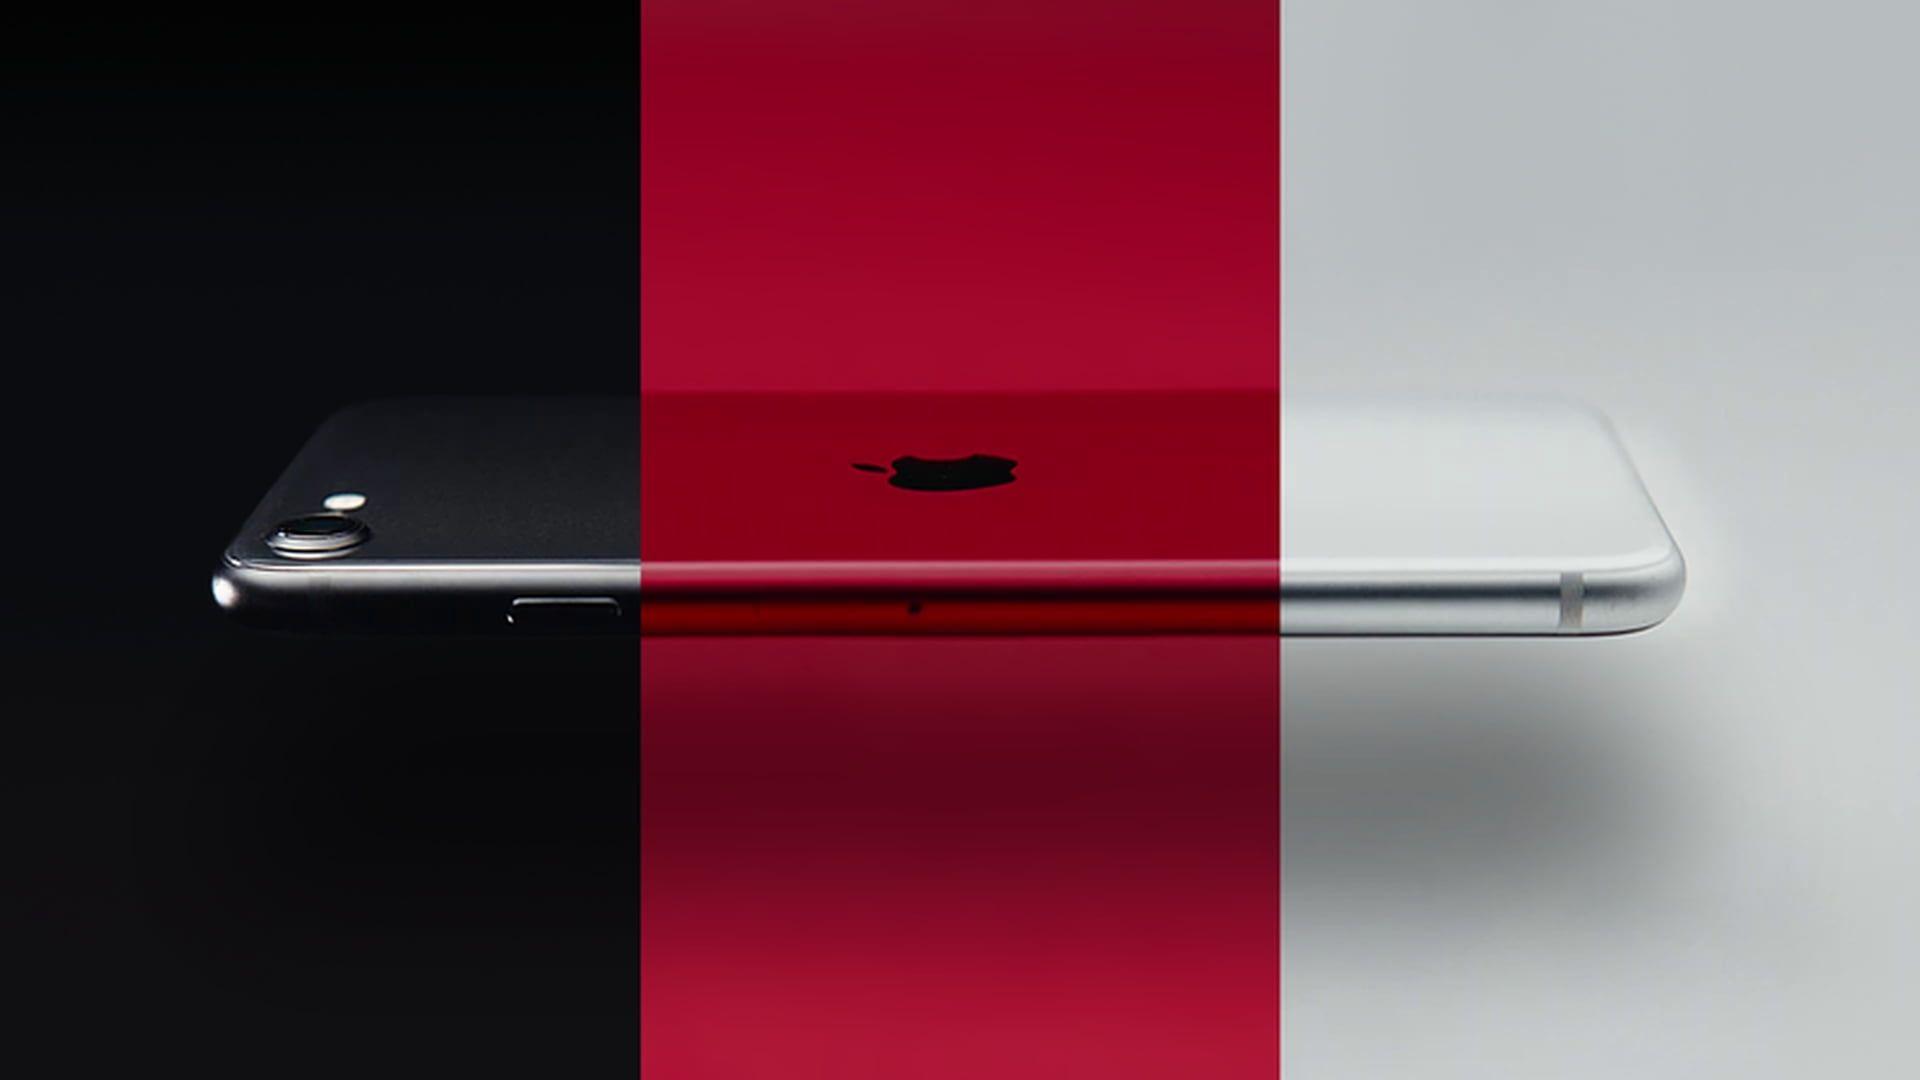 Następna generacja iPhone'a SE w pierwszej połowie przyszłego roku